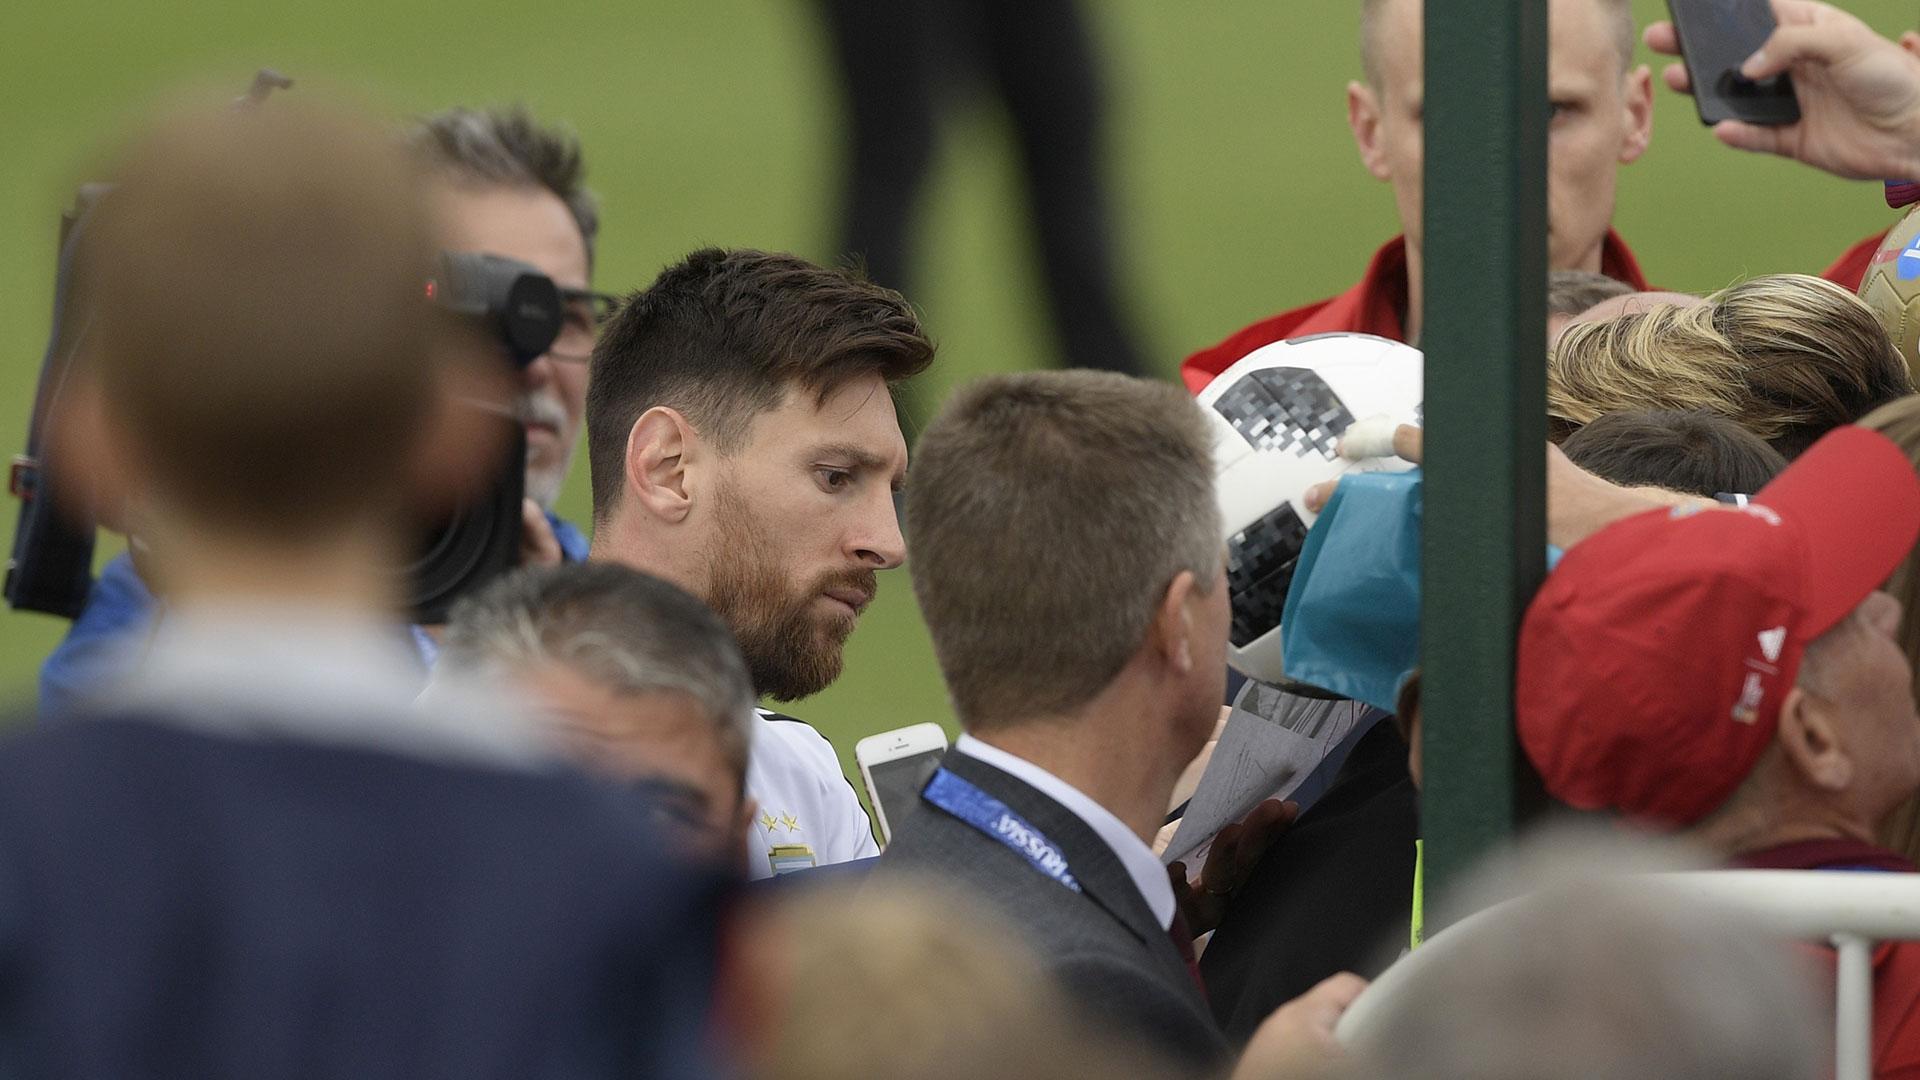 Messi, el más buscado por los cazadores de autógrafos